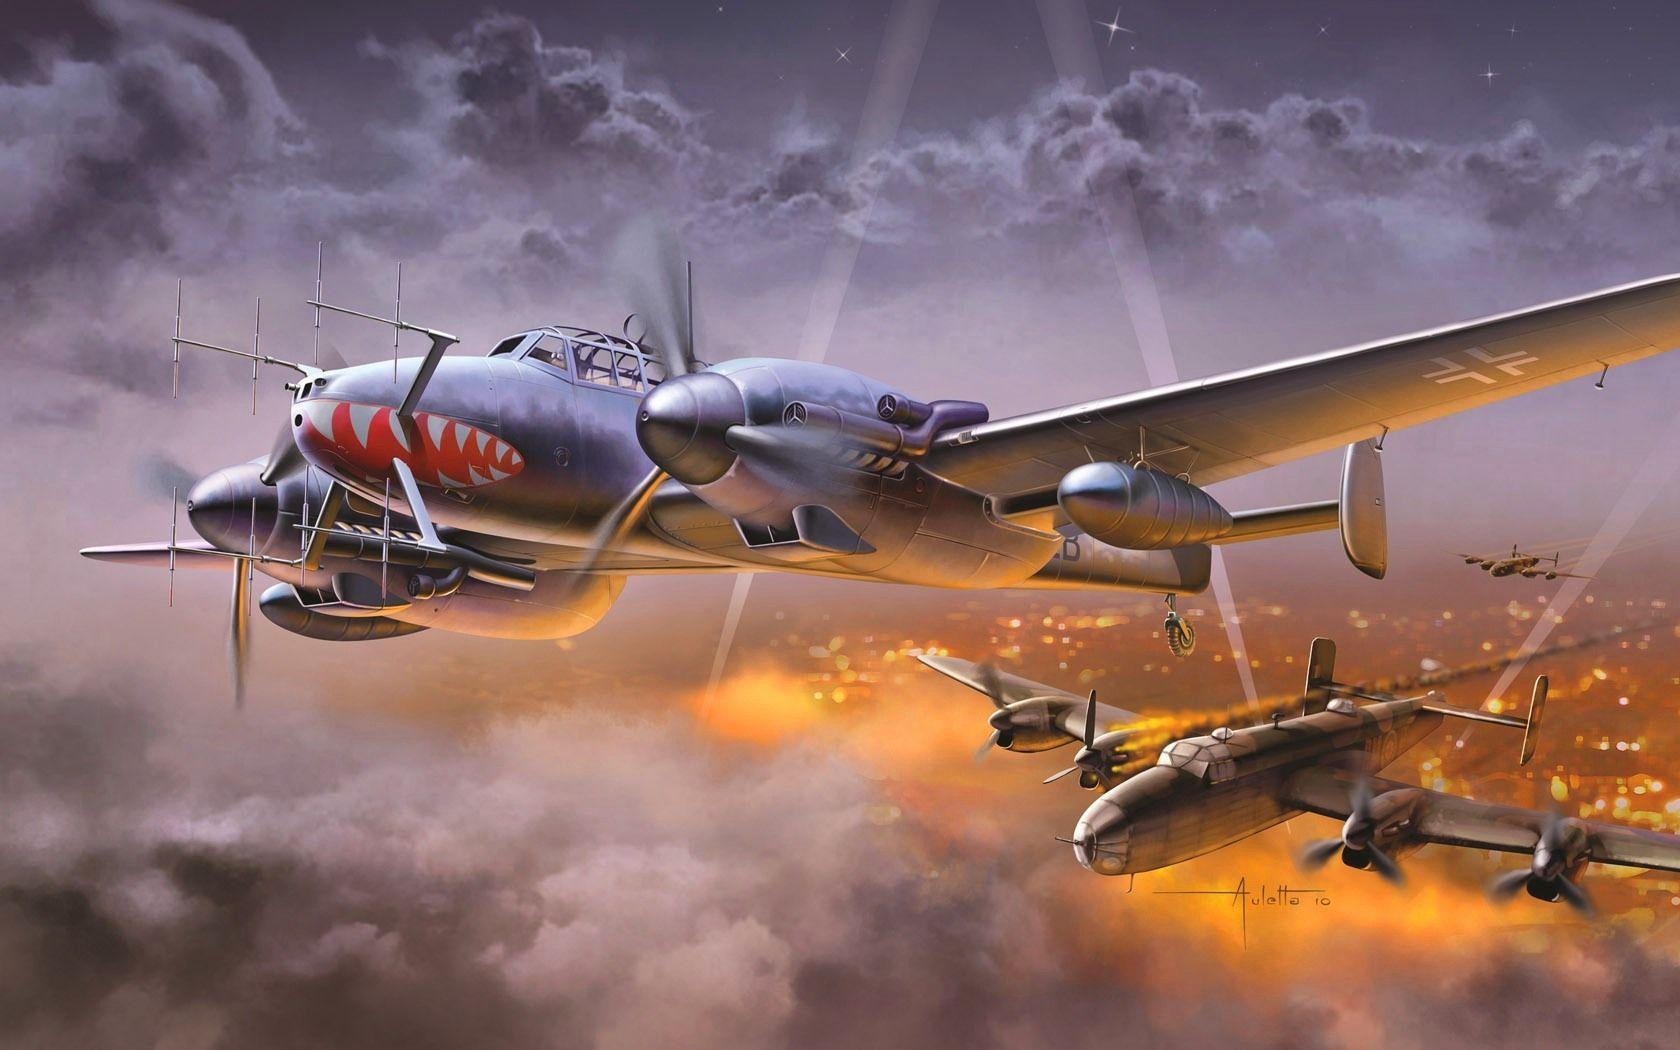 110 Wallpapers 2: Messerschmitt Bf 110G-4 Nachtjäger By Vincenzo Auletta